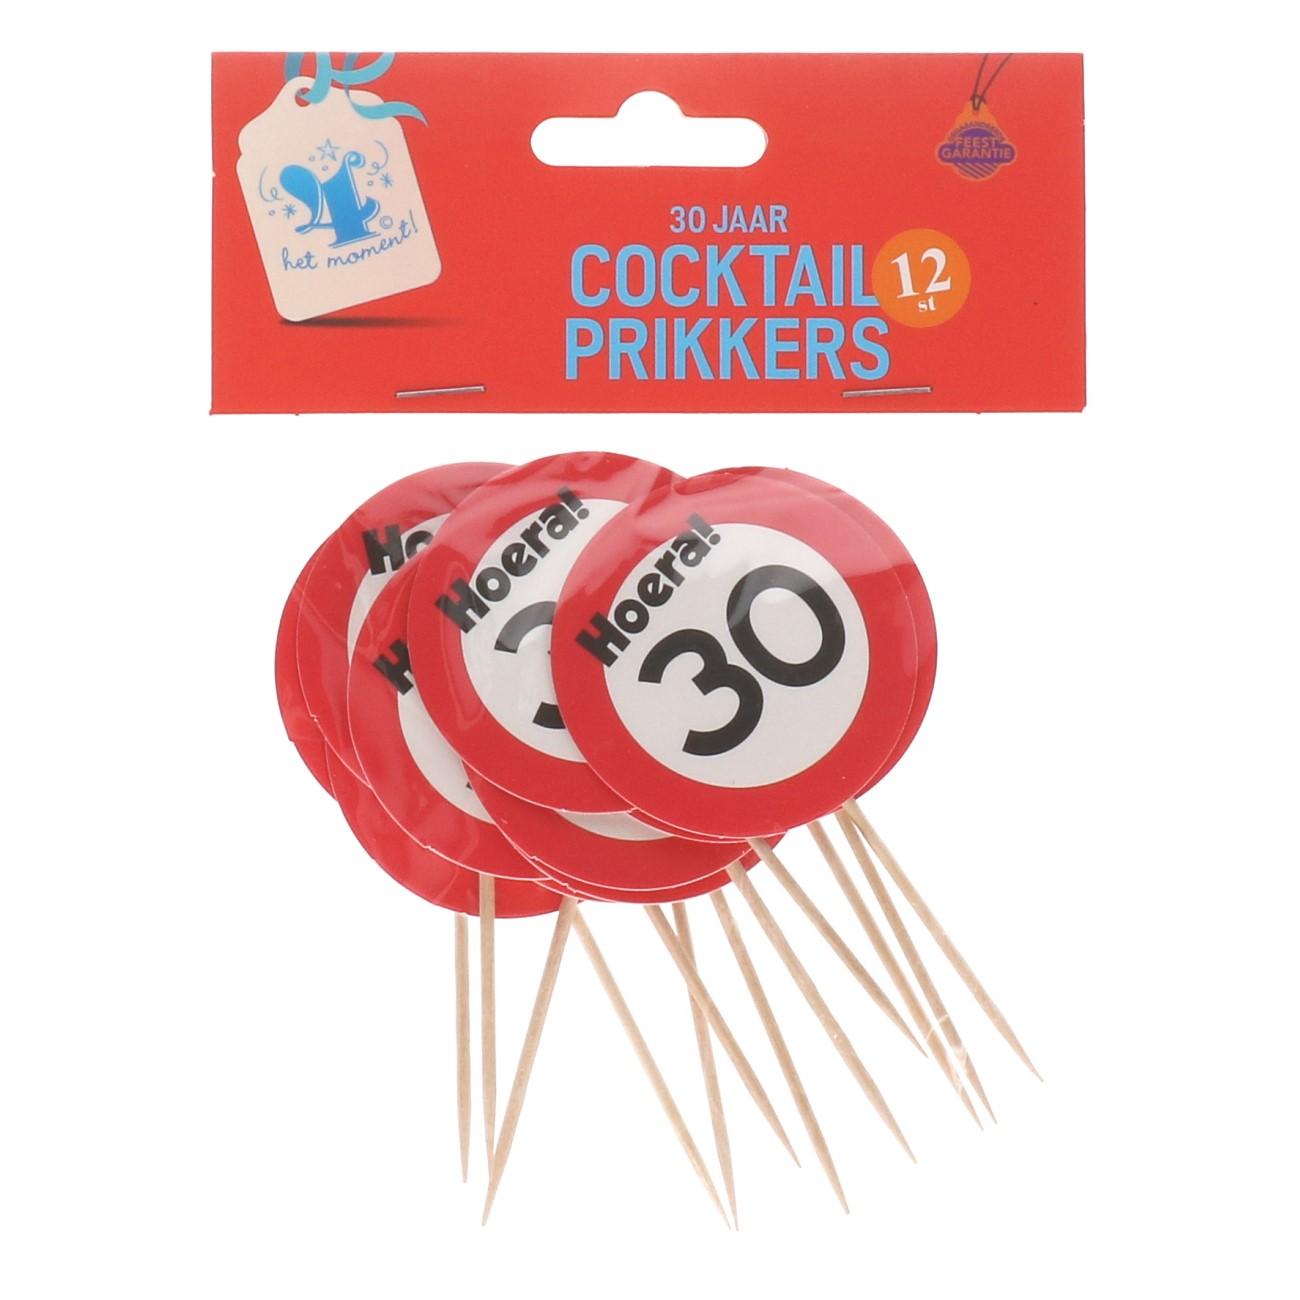 Cocktailprikkers 30 jaar 12 stuks